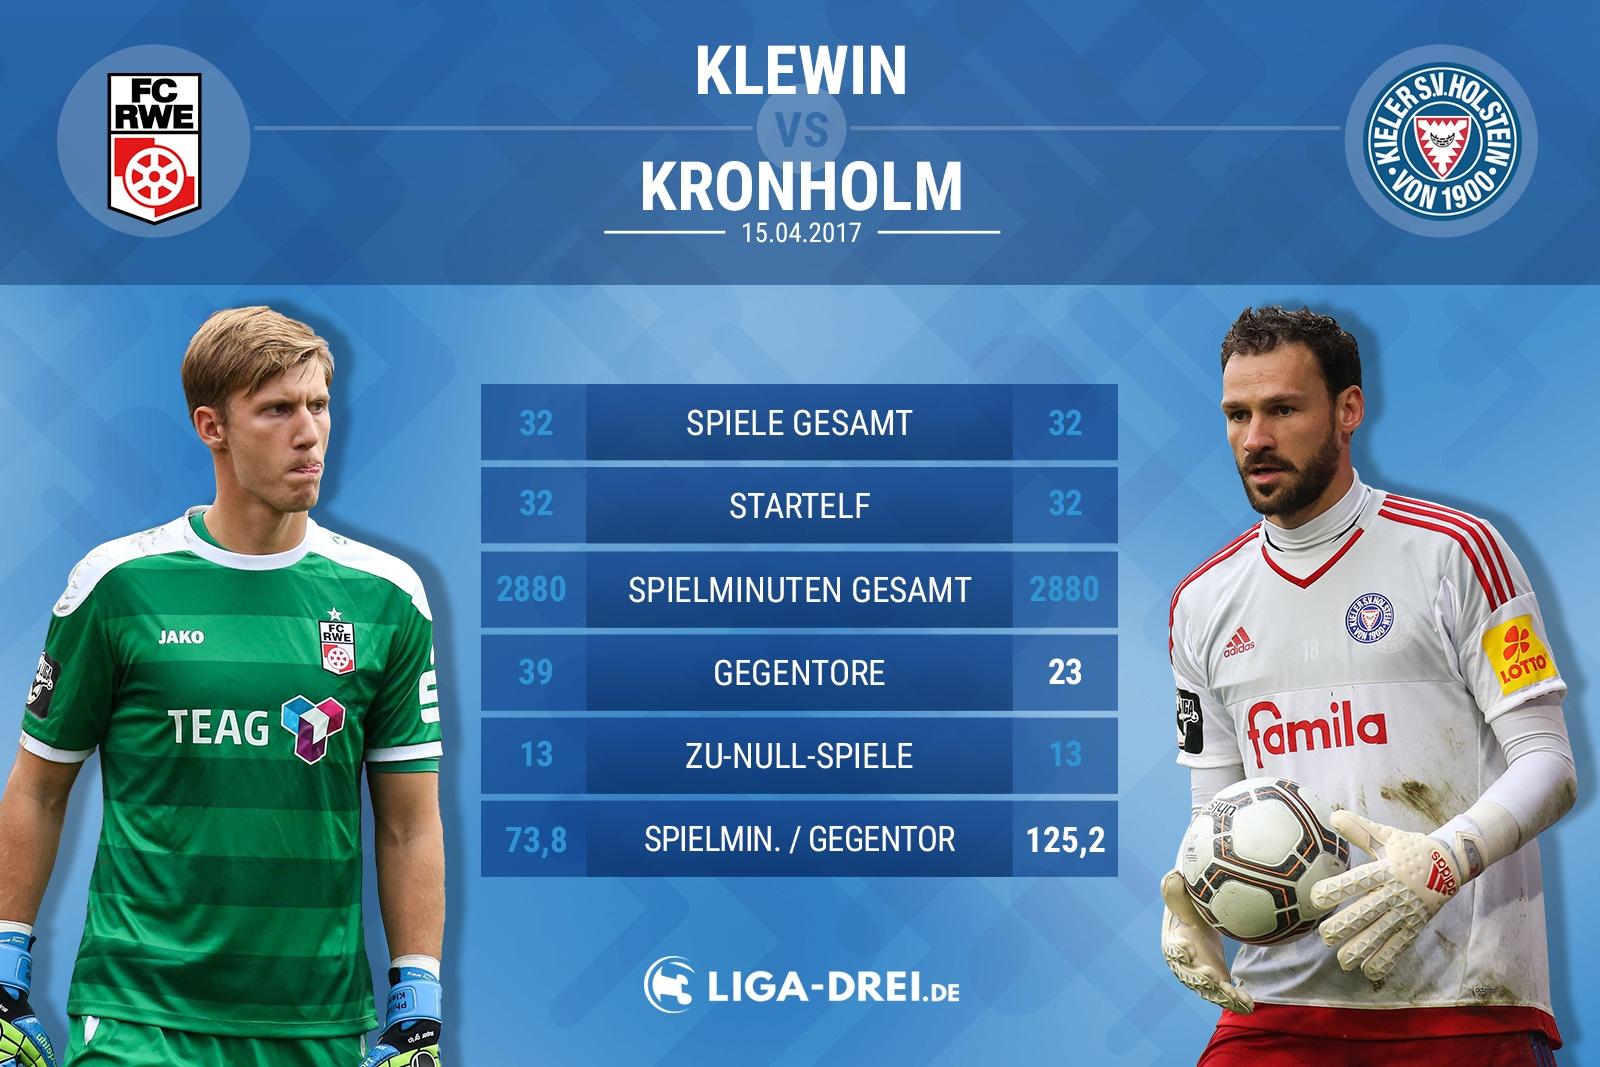 Spielervergleich von Klewin & Kronholm